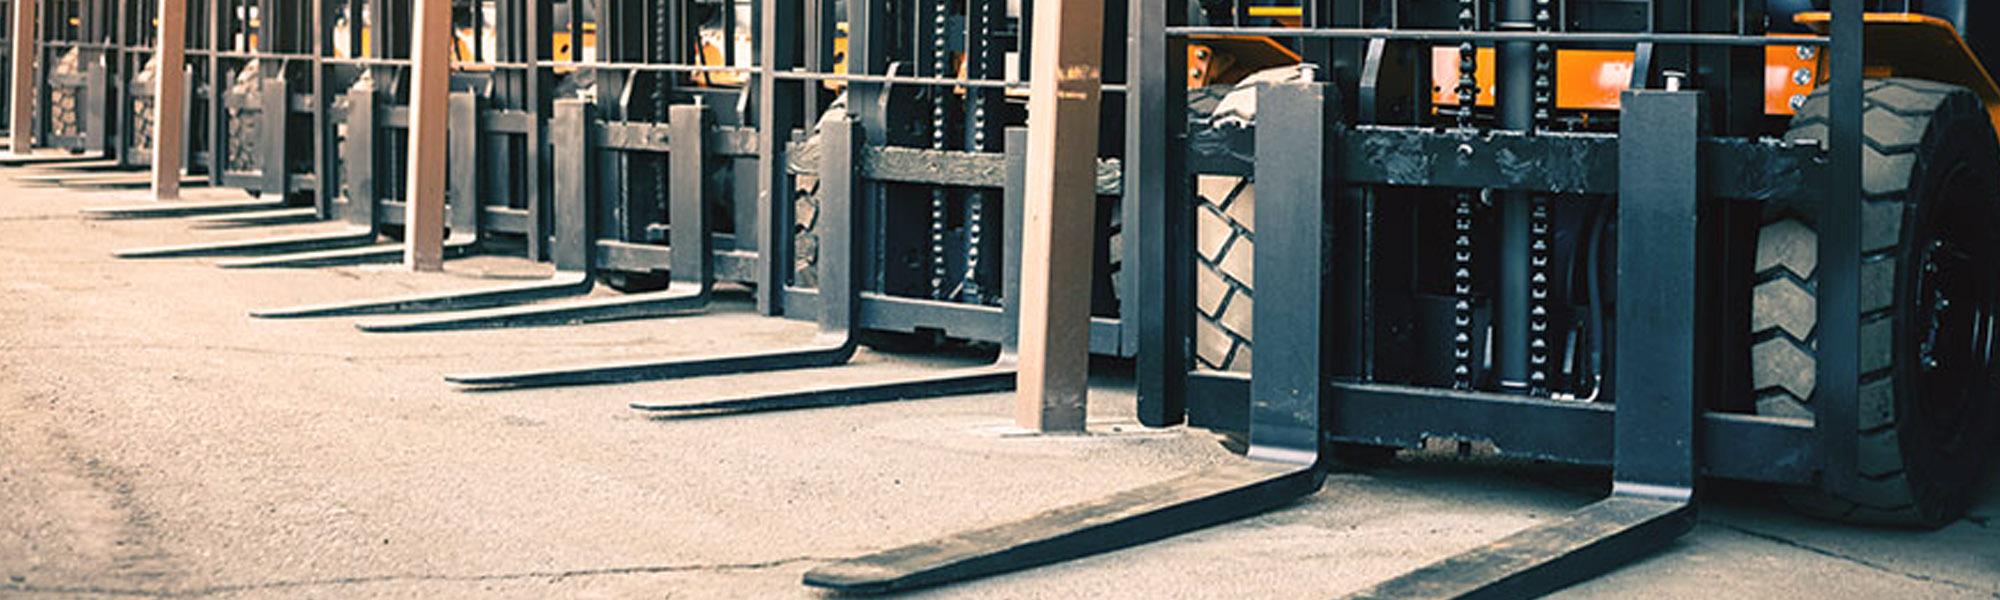 Em-Tech - Paleciaki wózki elektryczne spalinowe z masztem koła rolki części - Em-Tech: paleciaki elektryczne, ręczne, wózki widłowe, podnośniki, wózki wysokiego składowania